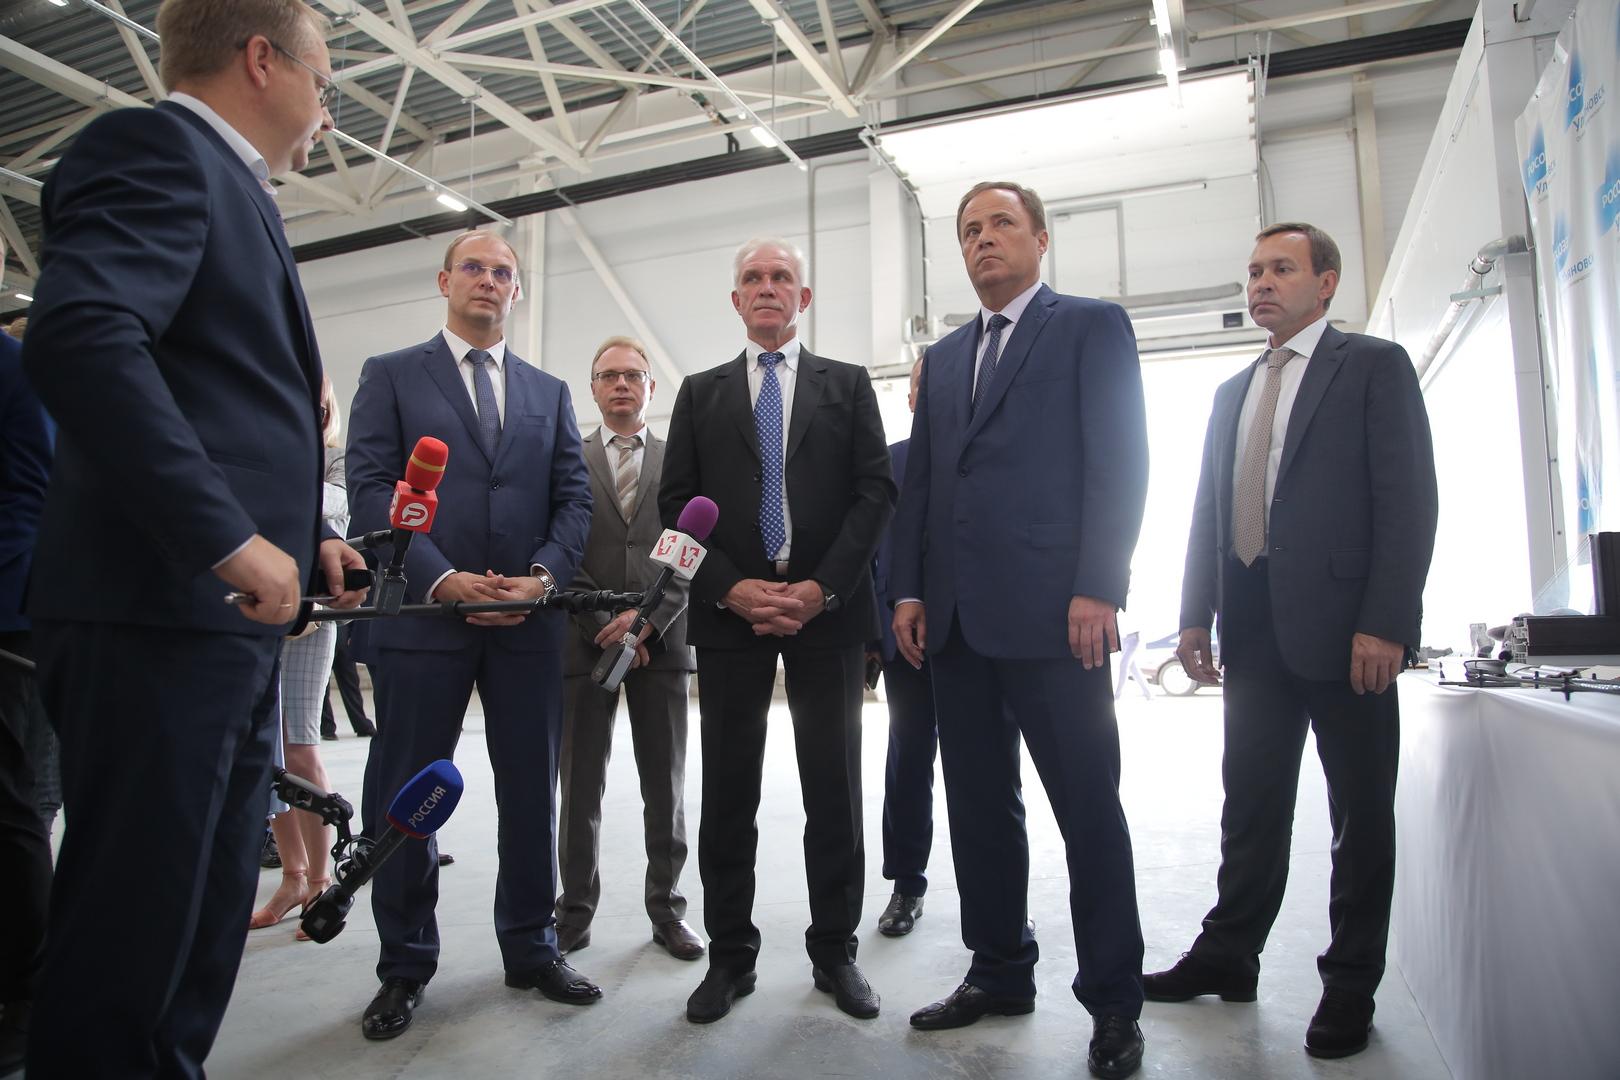 Игорь Комаров посетил портовую особую экономическую зону и оценил производственные мощности «АэроКомпозит-Ульяновск»